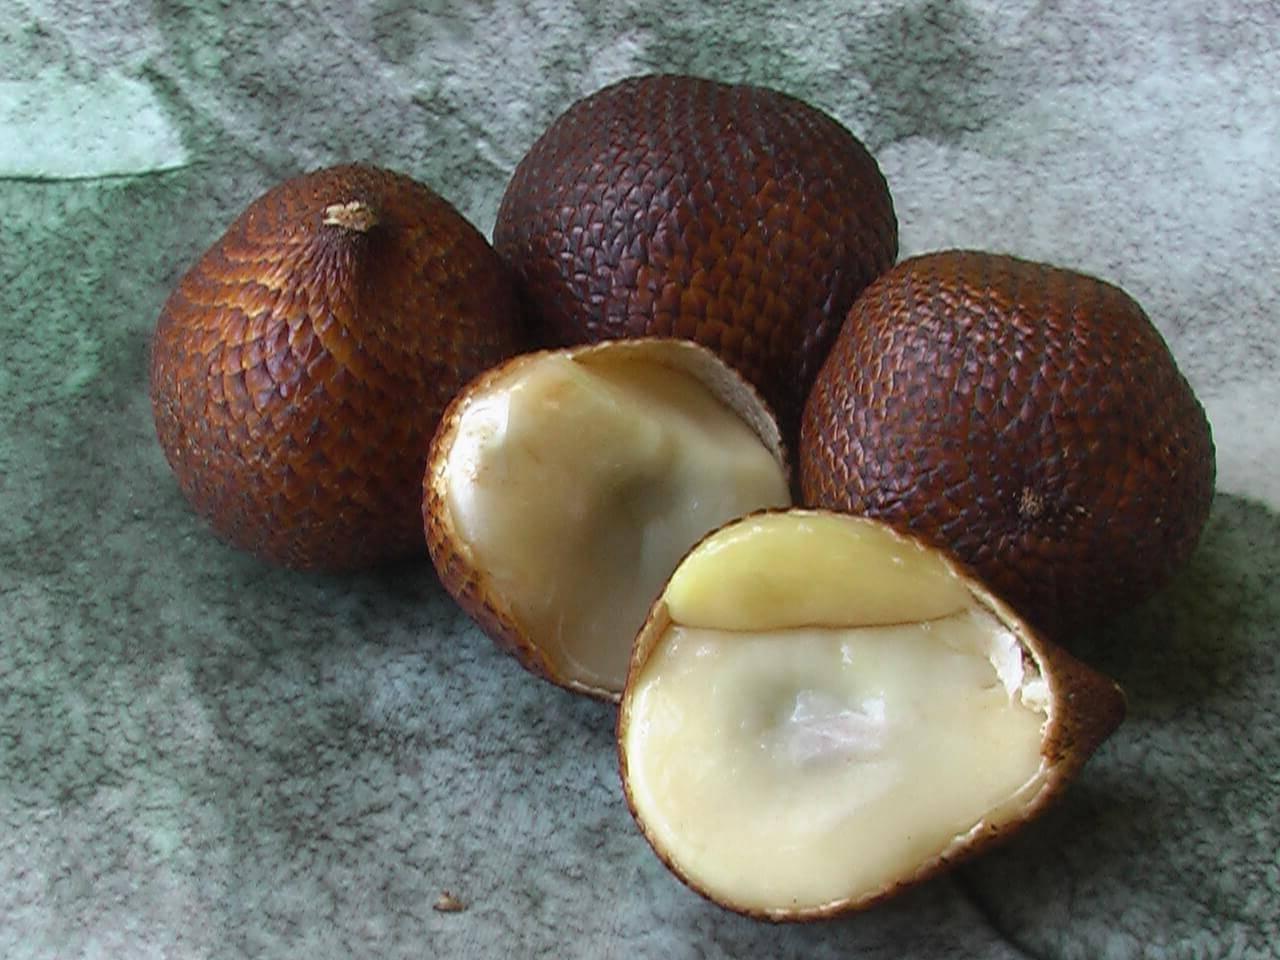 Гранадилла фрукт: плод страстного влечения или духовного страдания